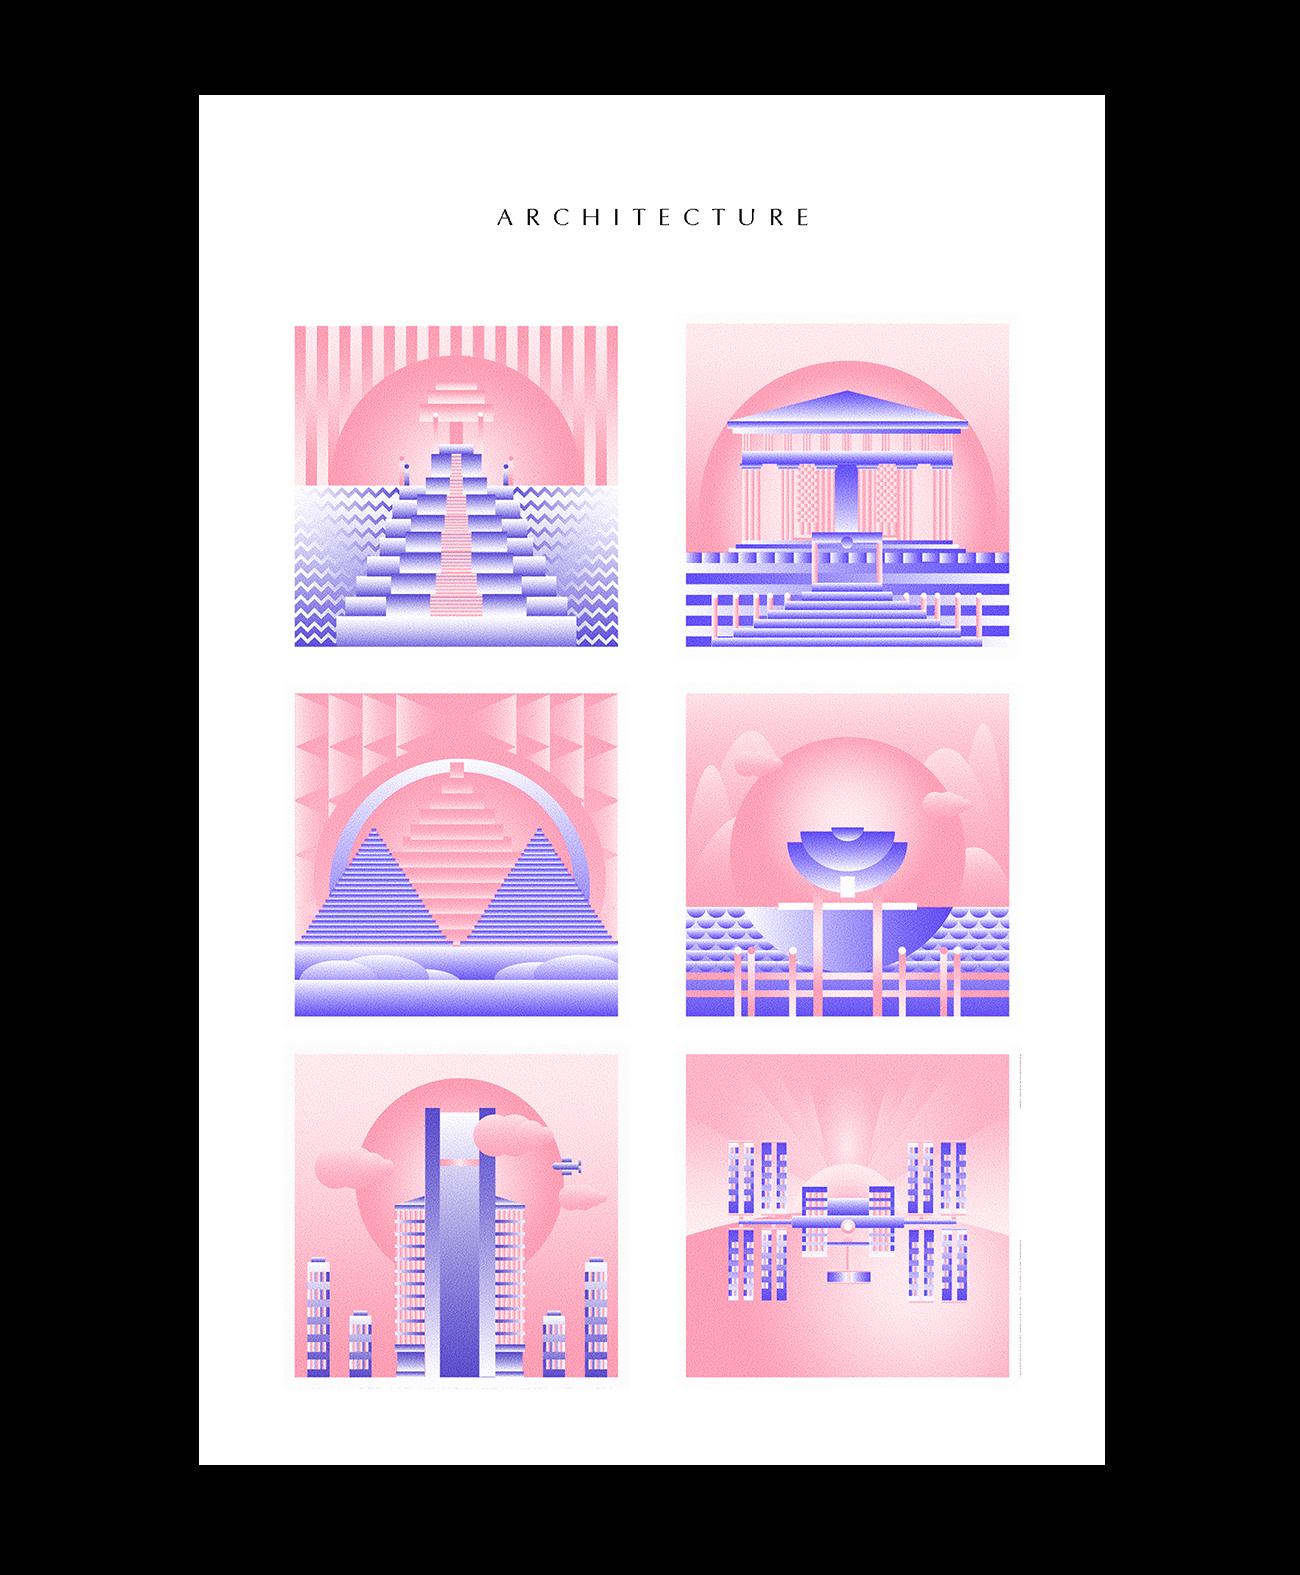 Riso Illustration architecture nature